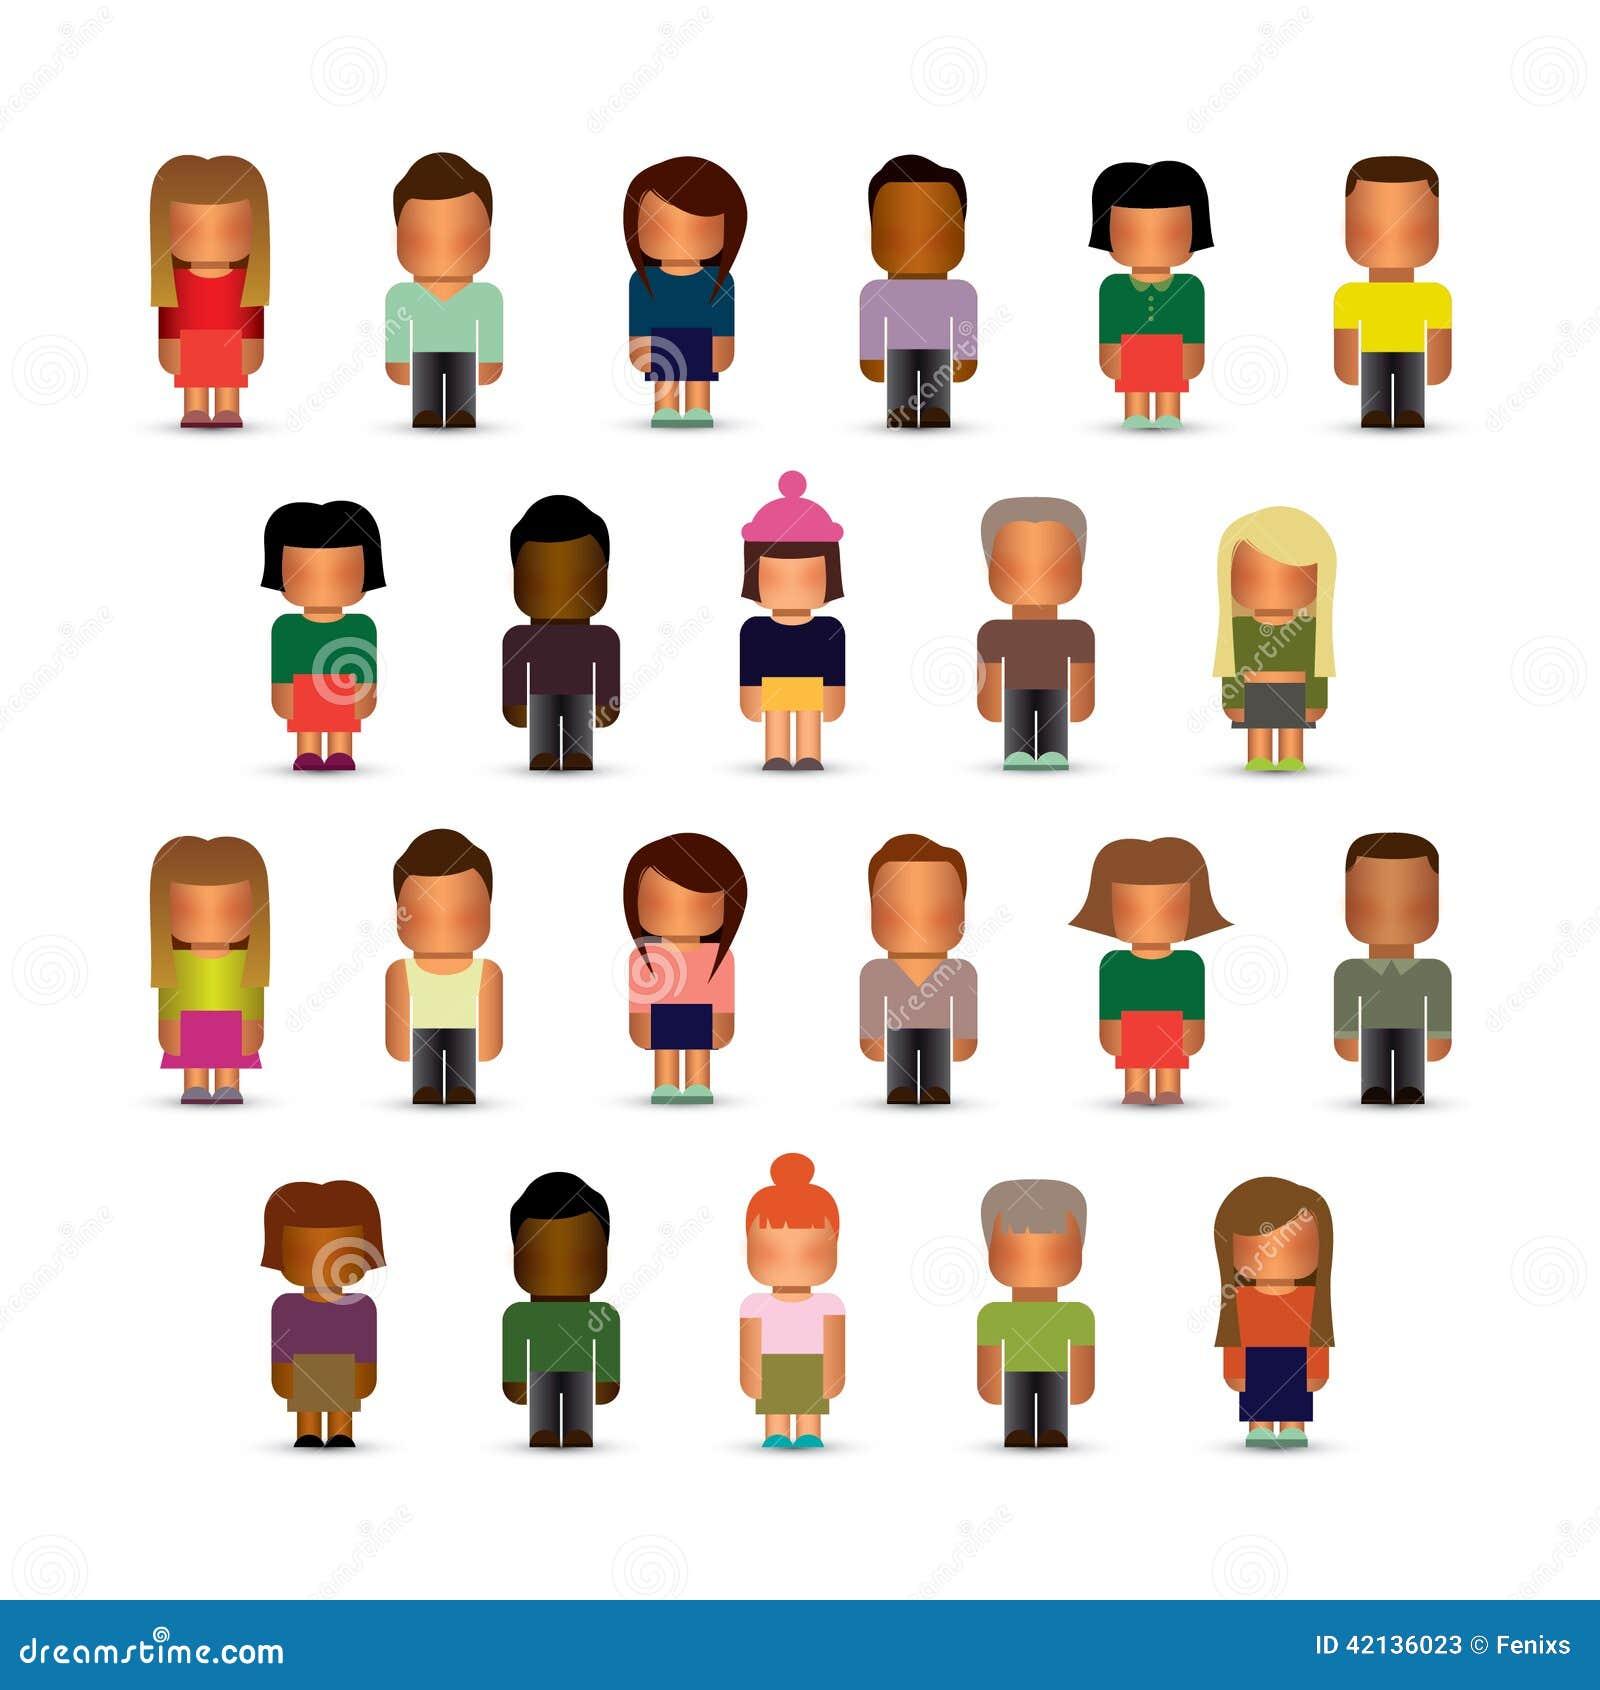 Figure Di Persone Stilizzate.Insieme Delle Figure Stilizzate Del Bambino Illustrazione Vettoriale